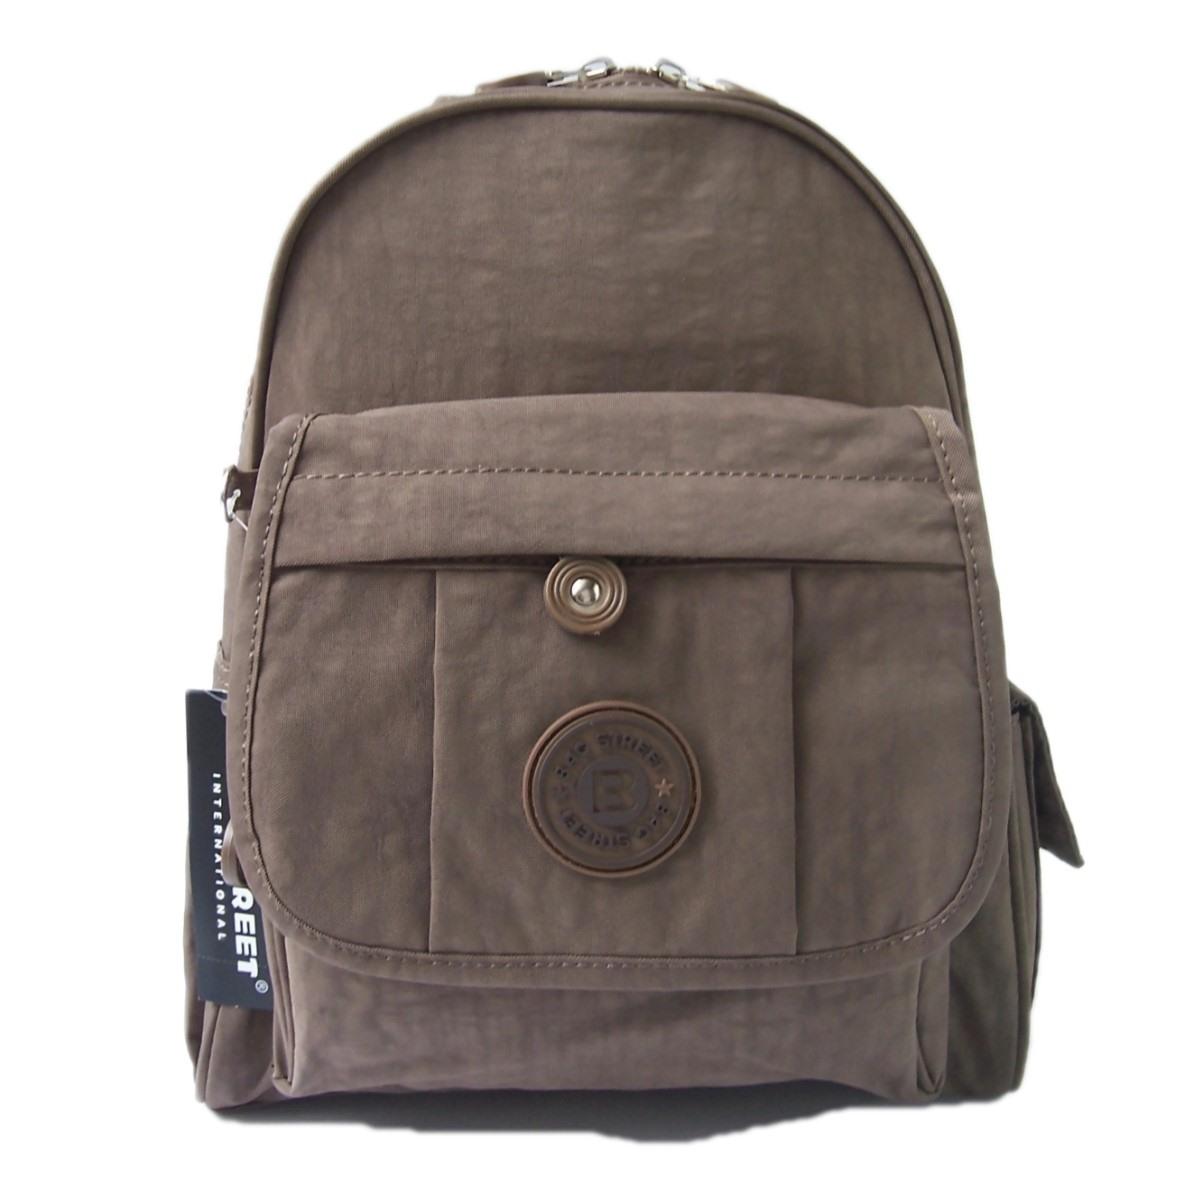 Damen City-Rucksack Freizeit Kinderrucksack Tasche braun Ru6031